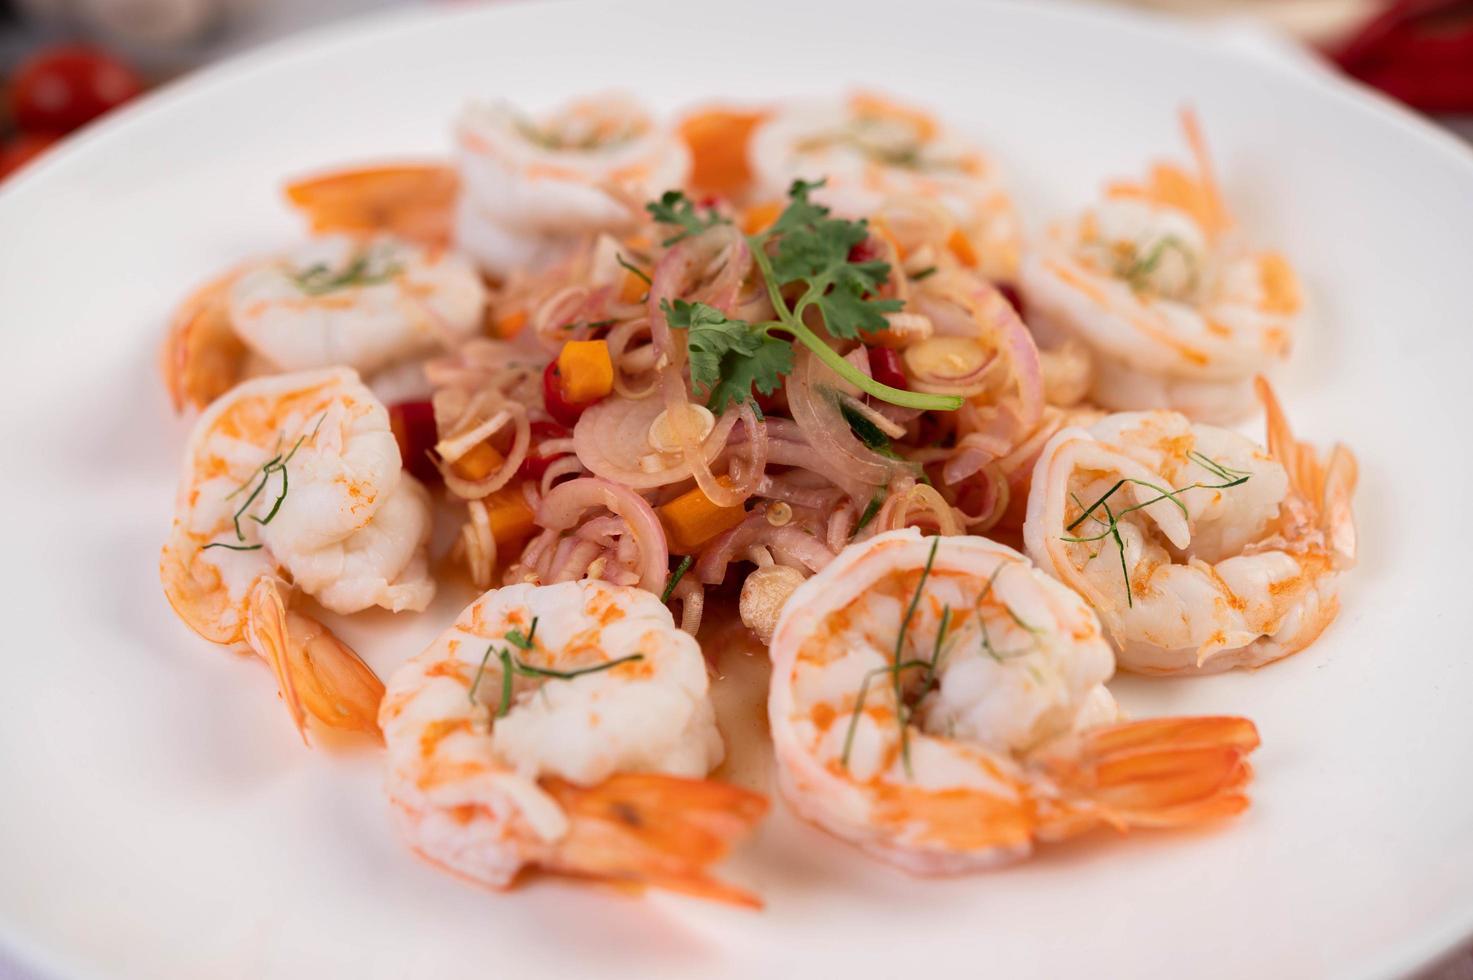 würziger thailändischer Salat mit Garnelen foto